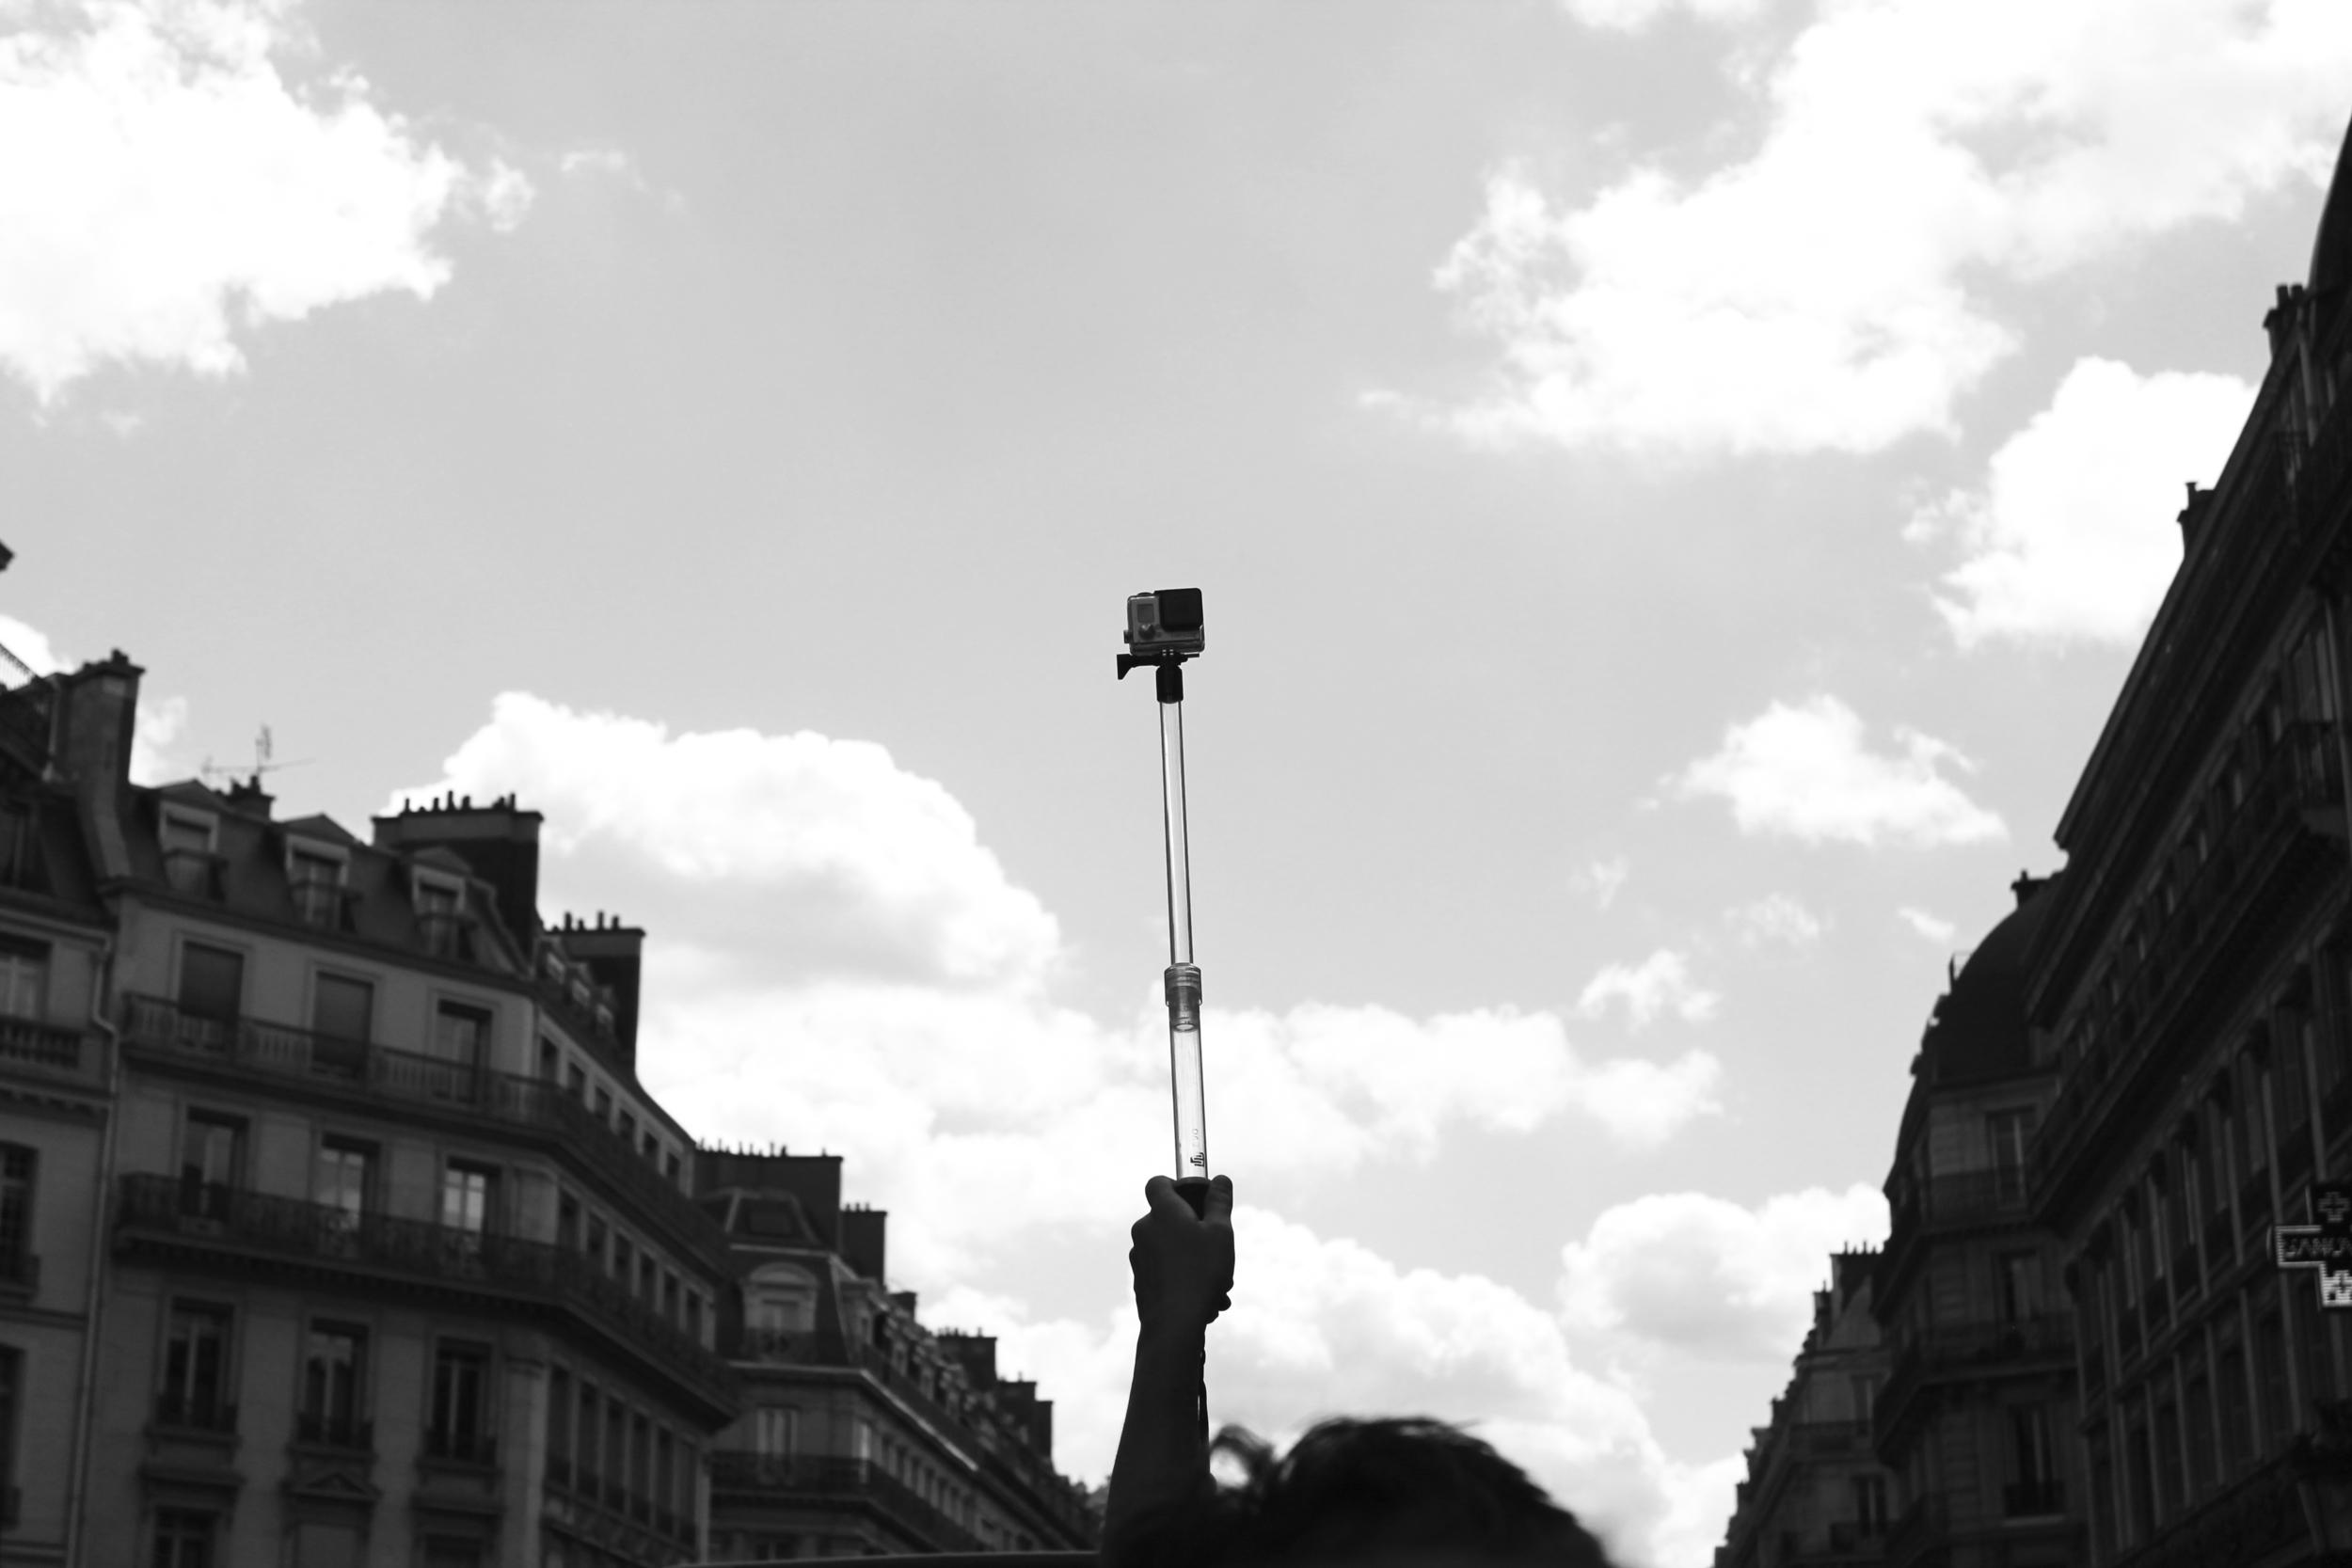 Icarus 66.3 - Laura Healy, La Tour Eiffel